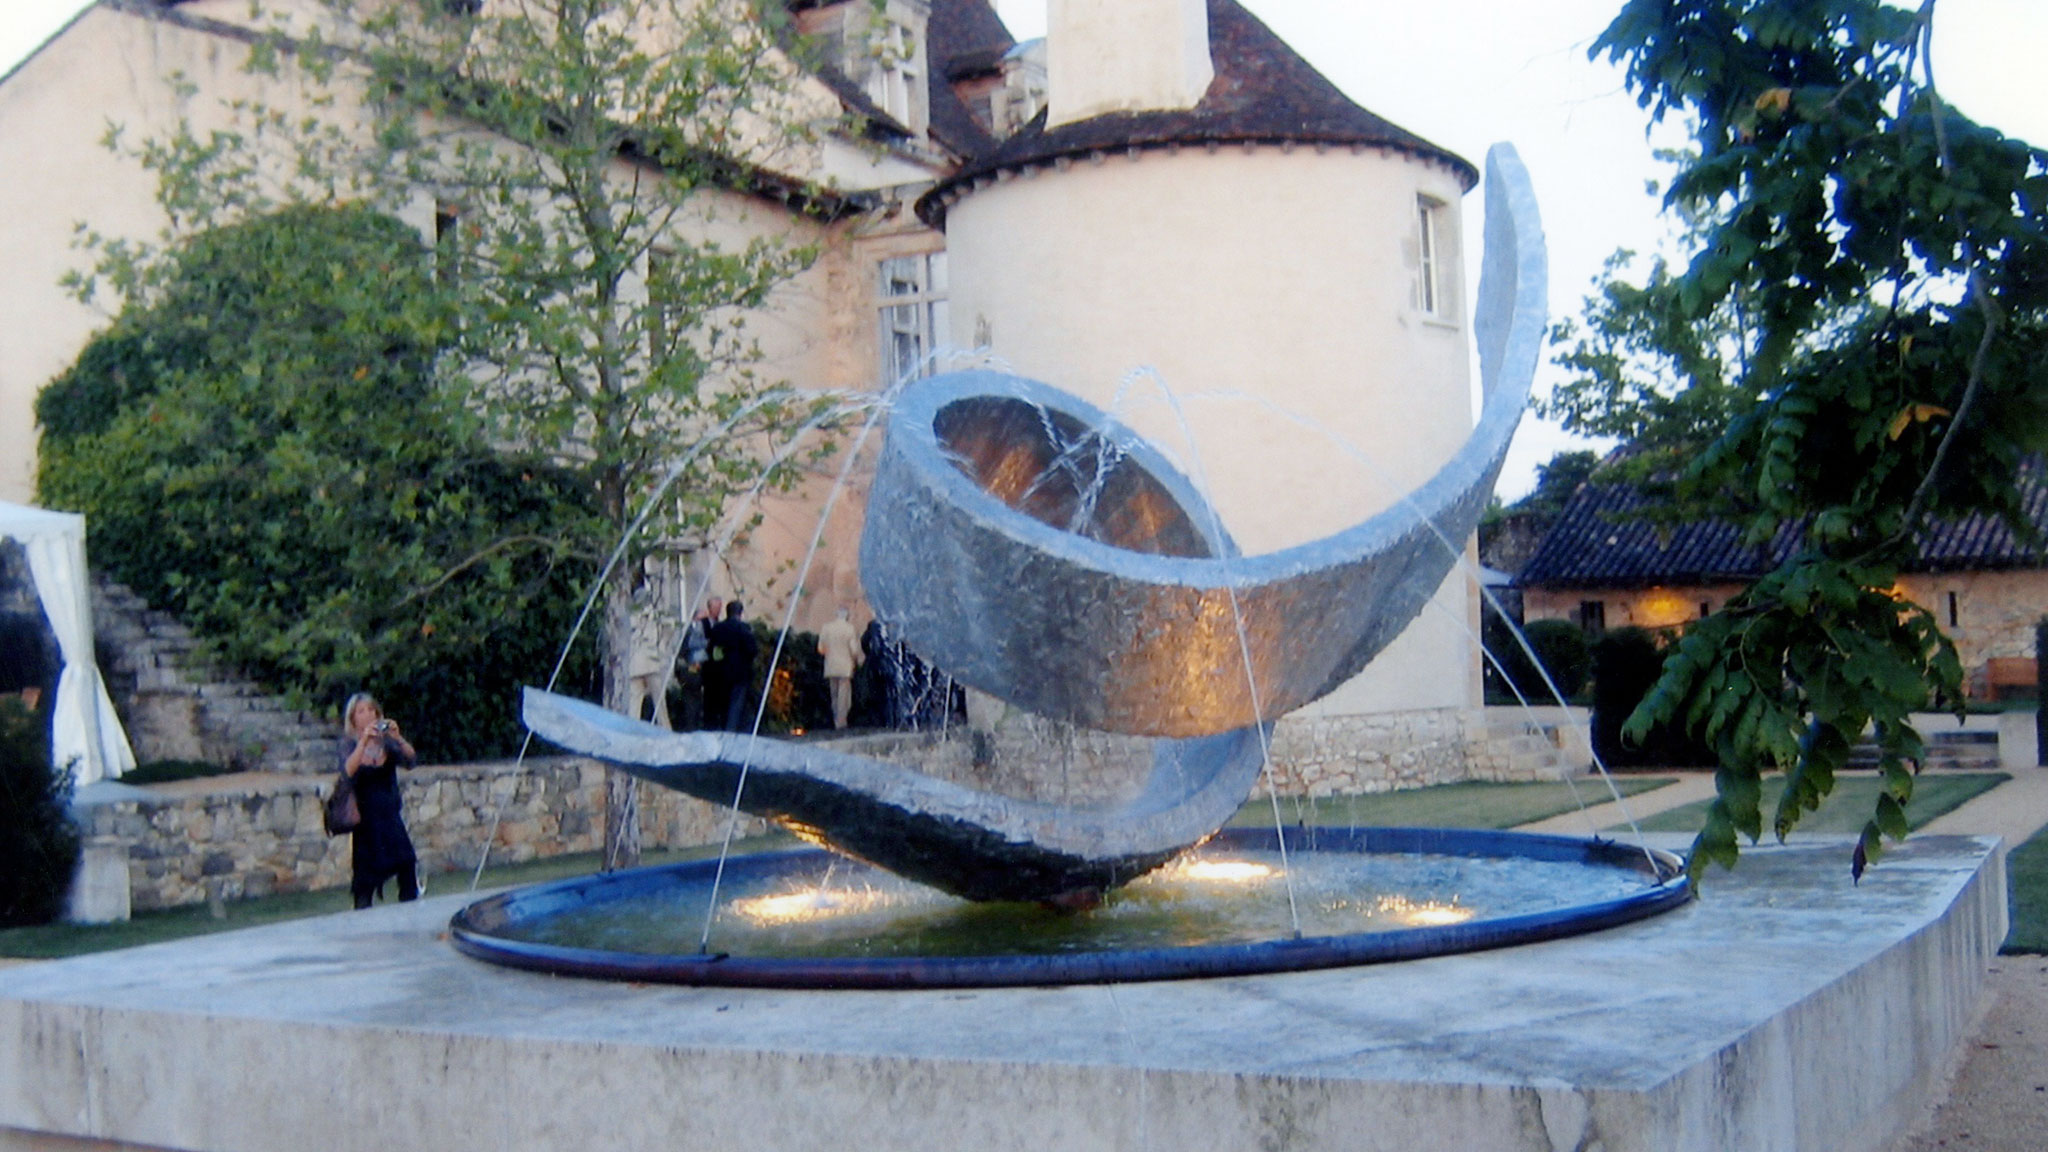 joseph-cals-sculpture-project